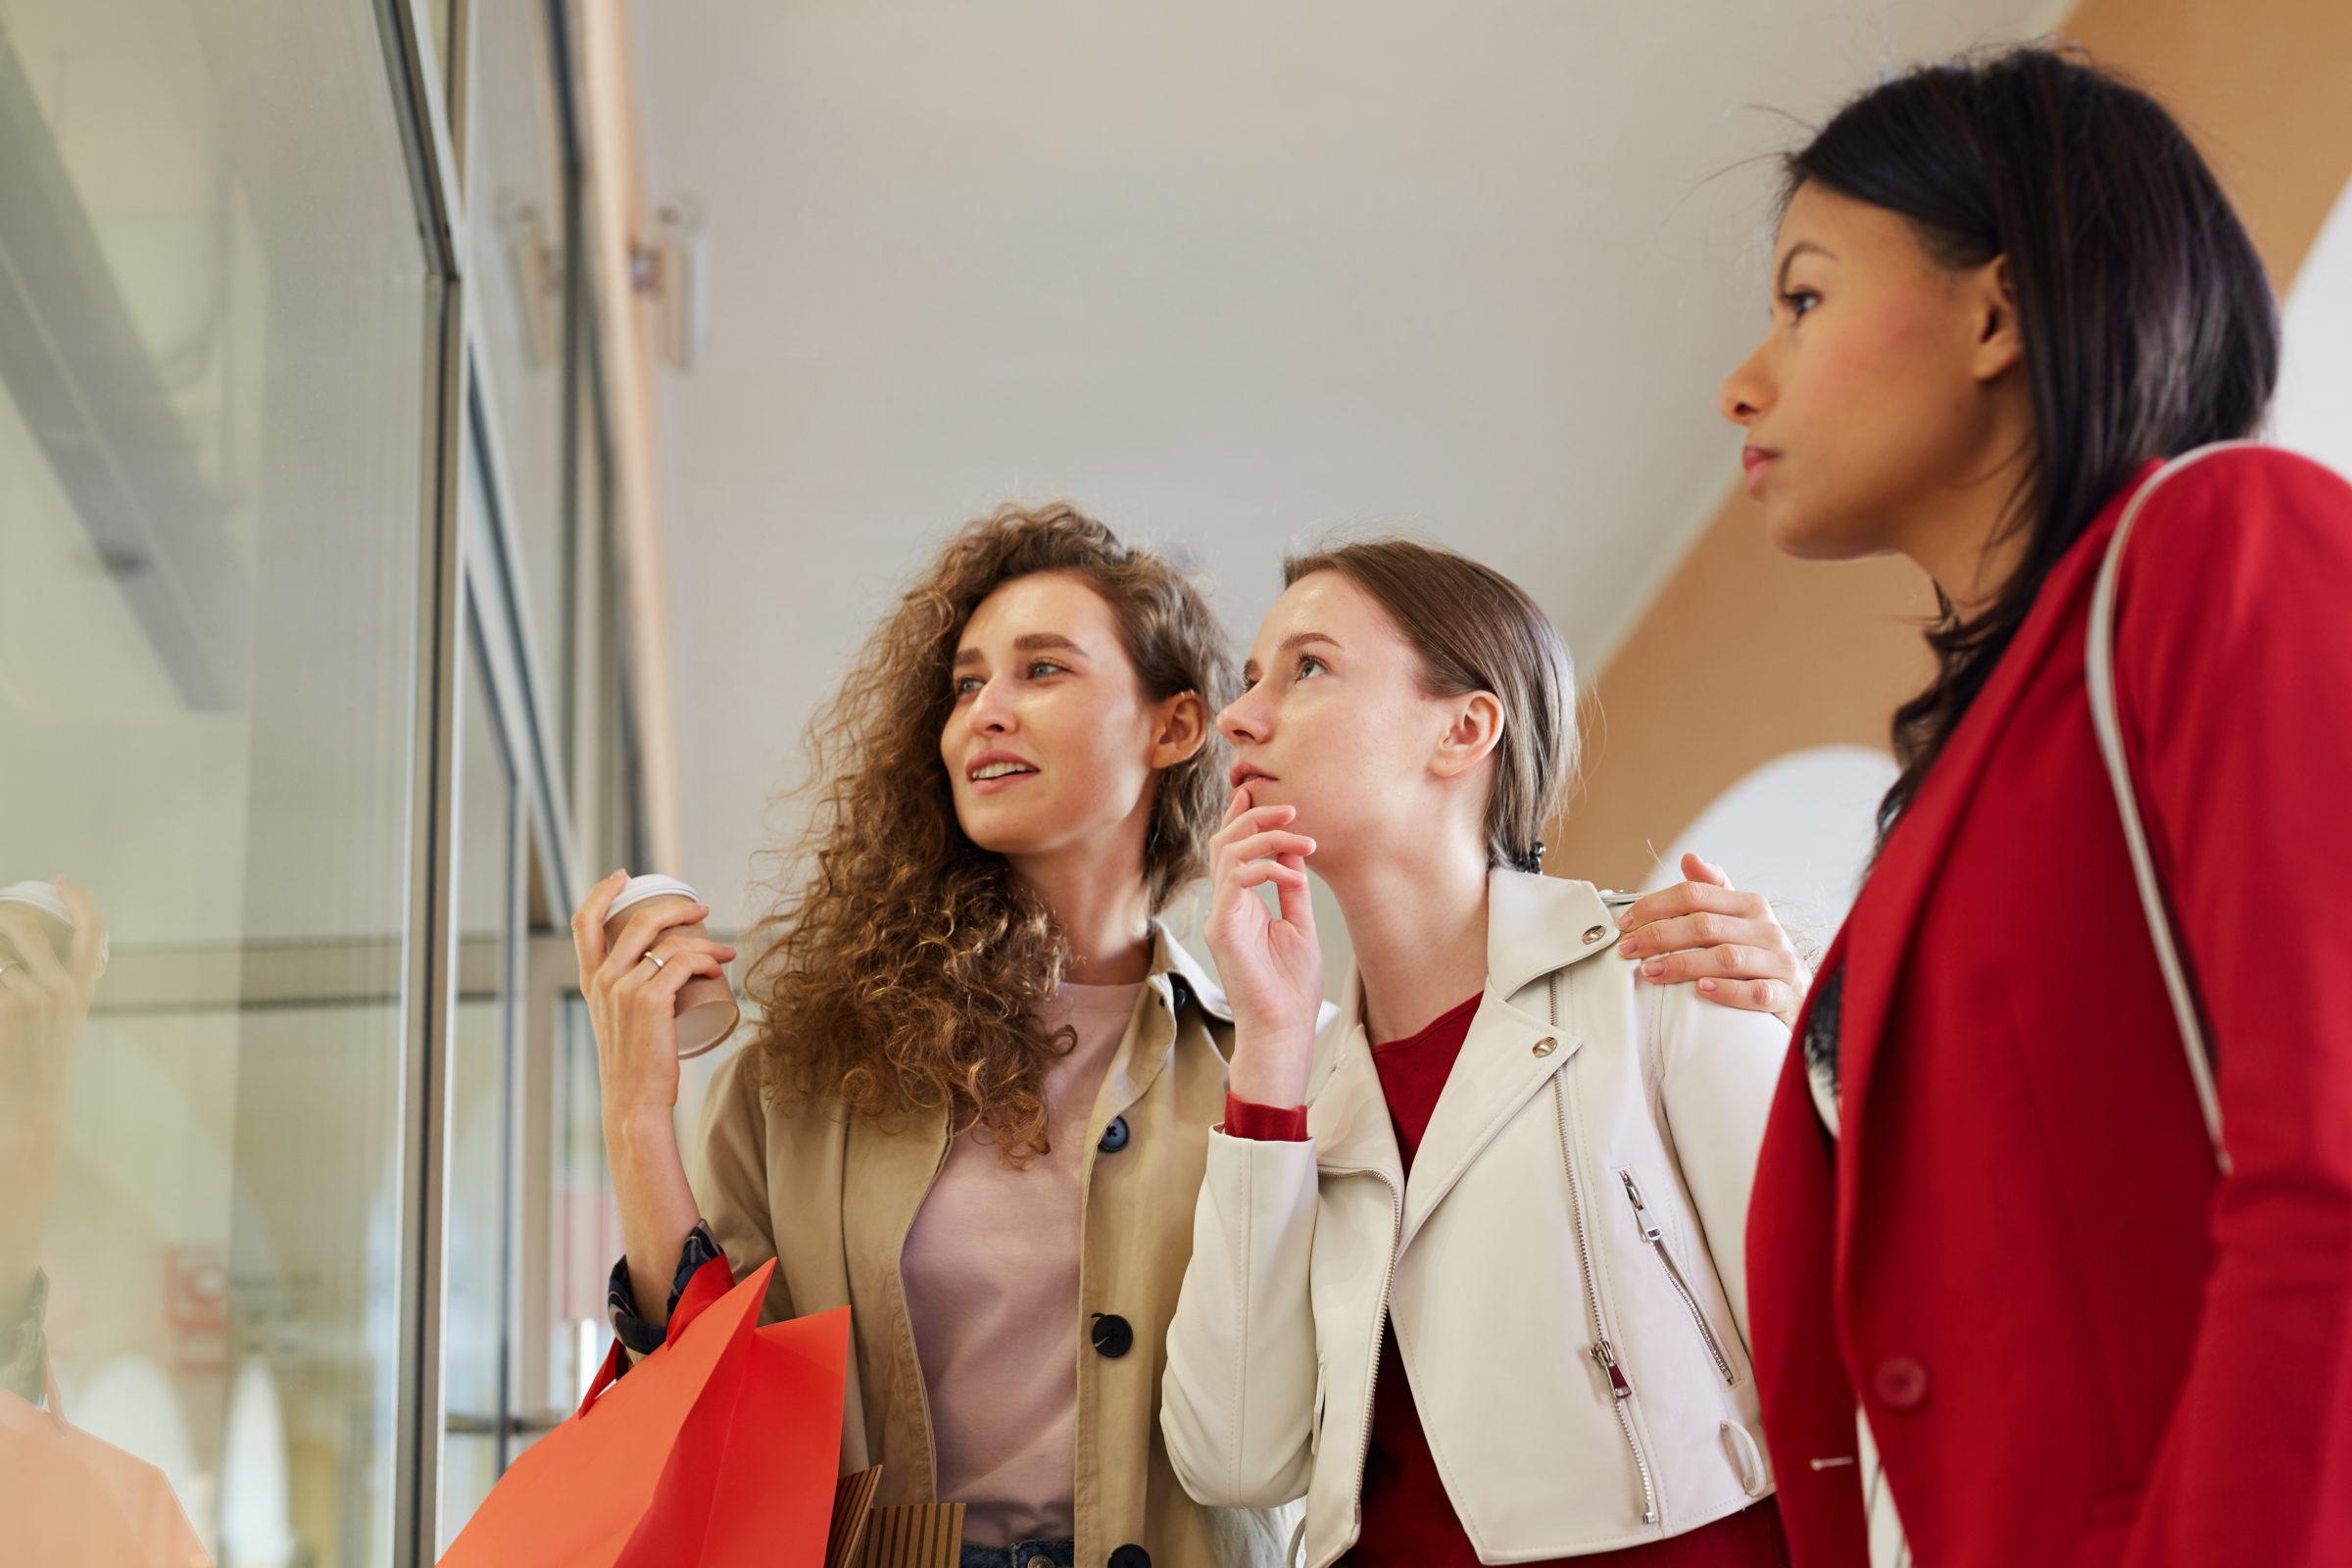 girls choosing dress in shopping display QDXG6NP